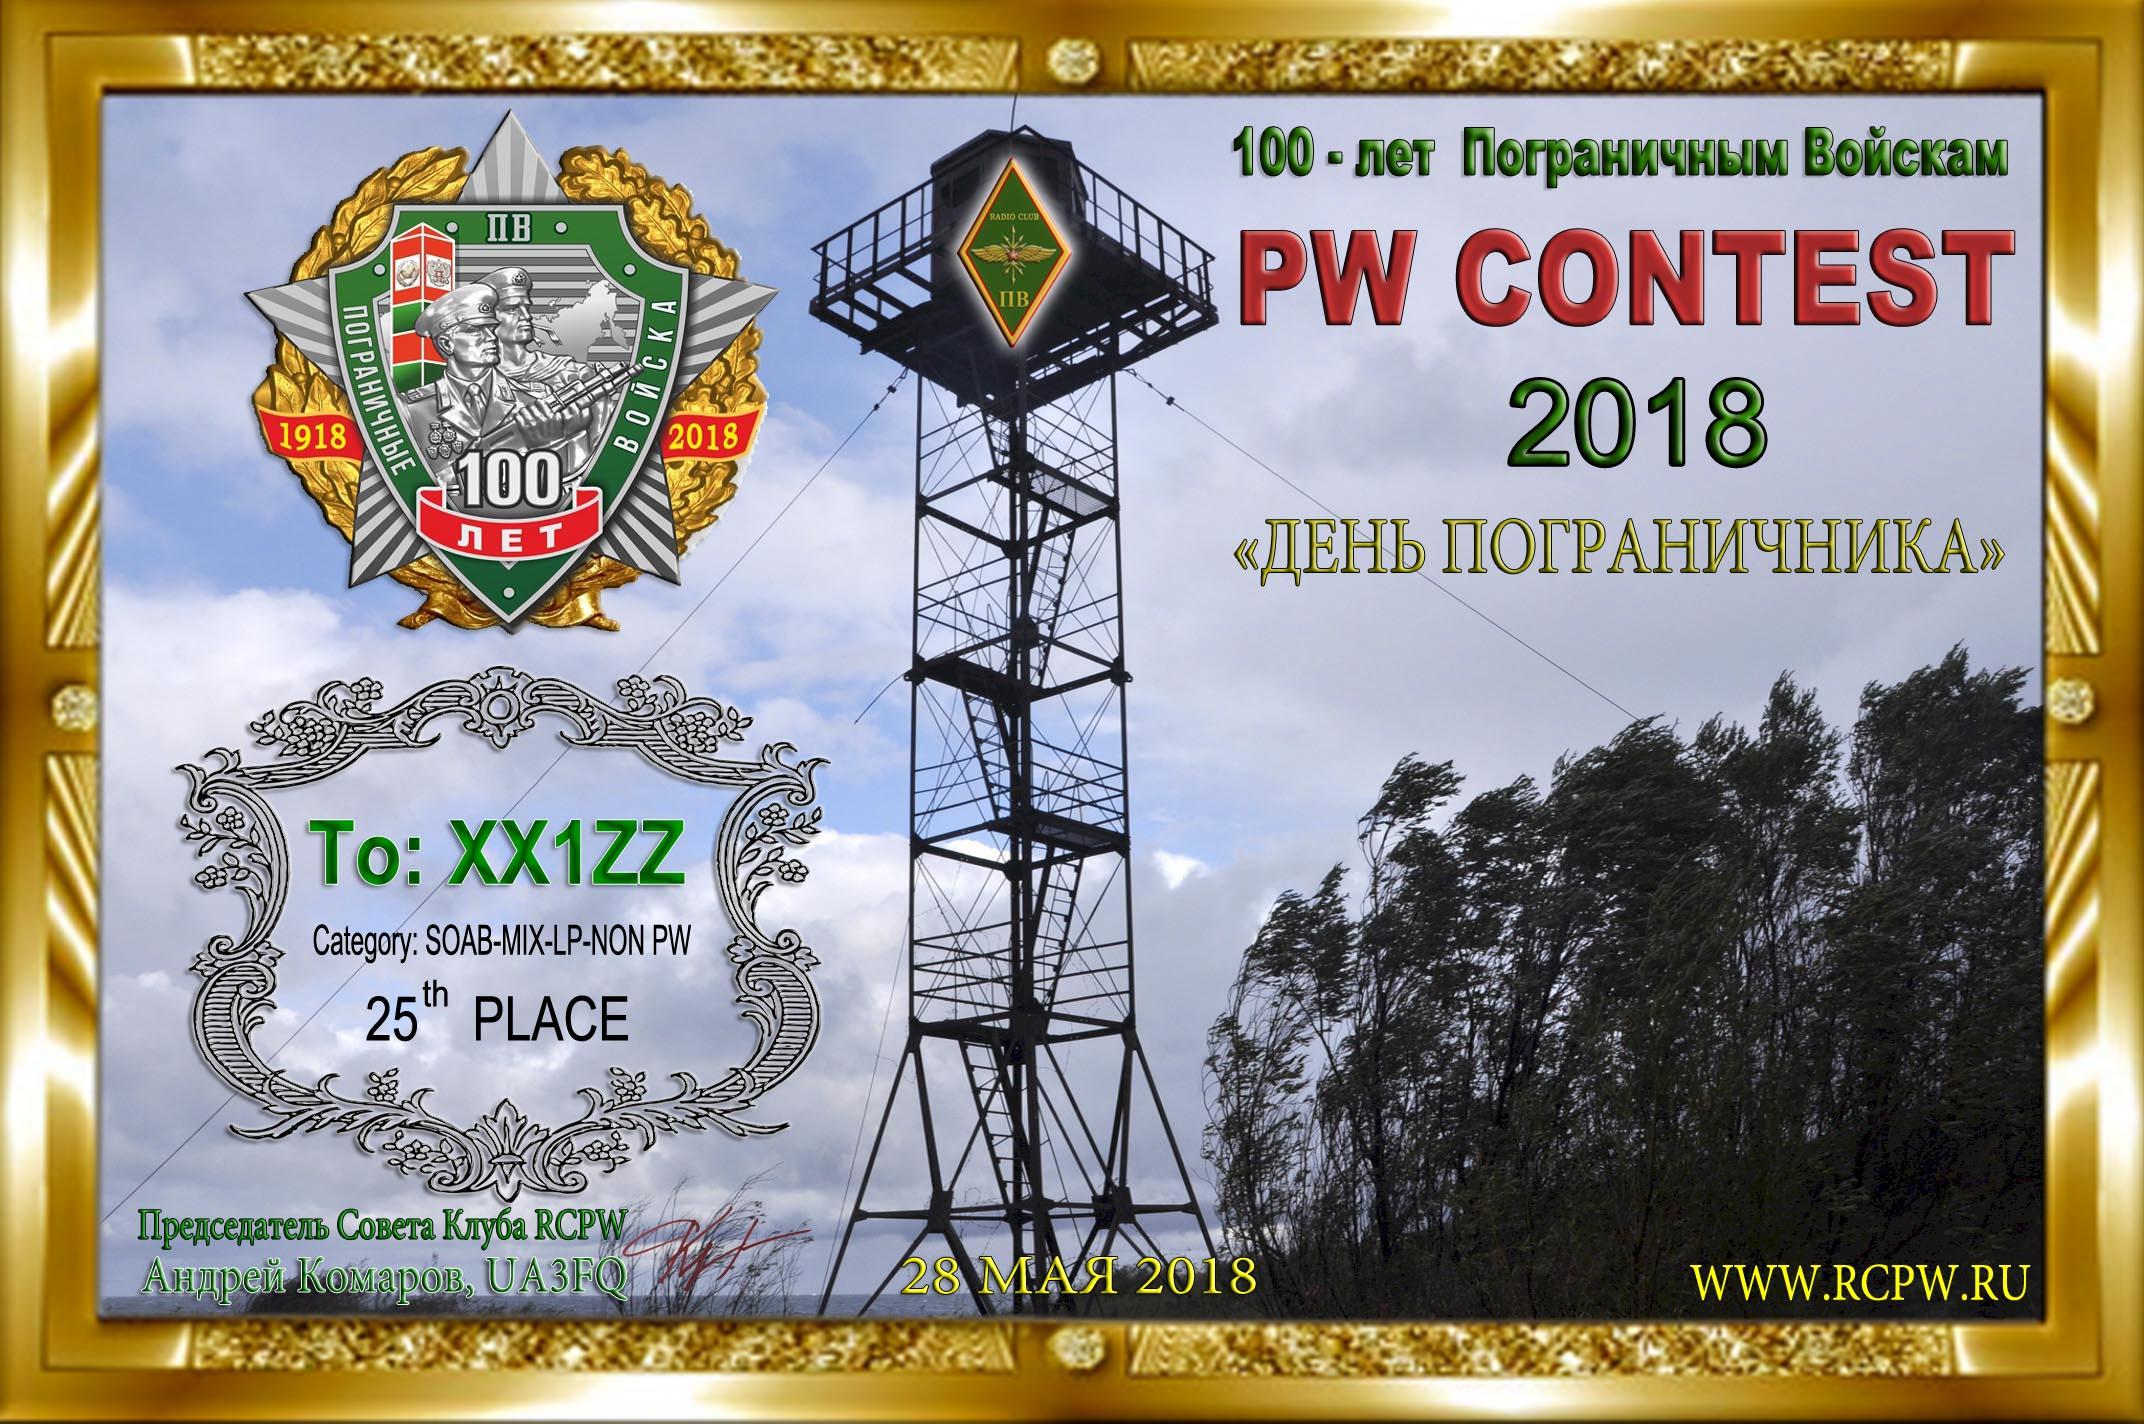 Нажмите на изображение для увеличения.  Название:2018-PW CONTEST.jpg Просмотров:8 Размер:511.4 Кб ID:211084